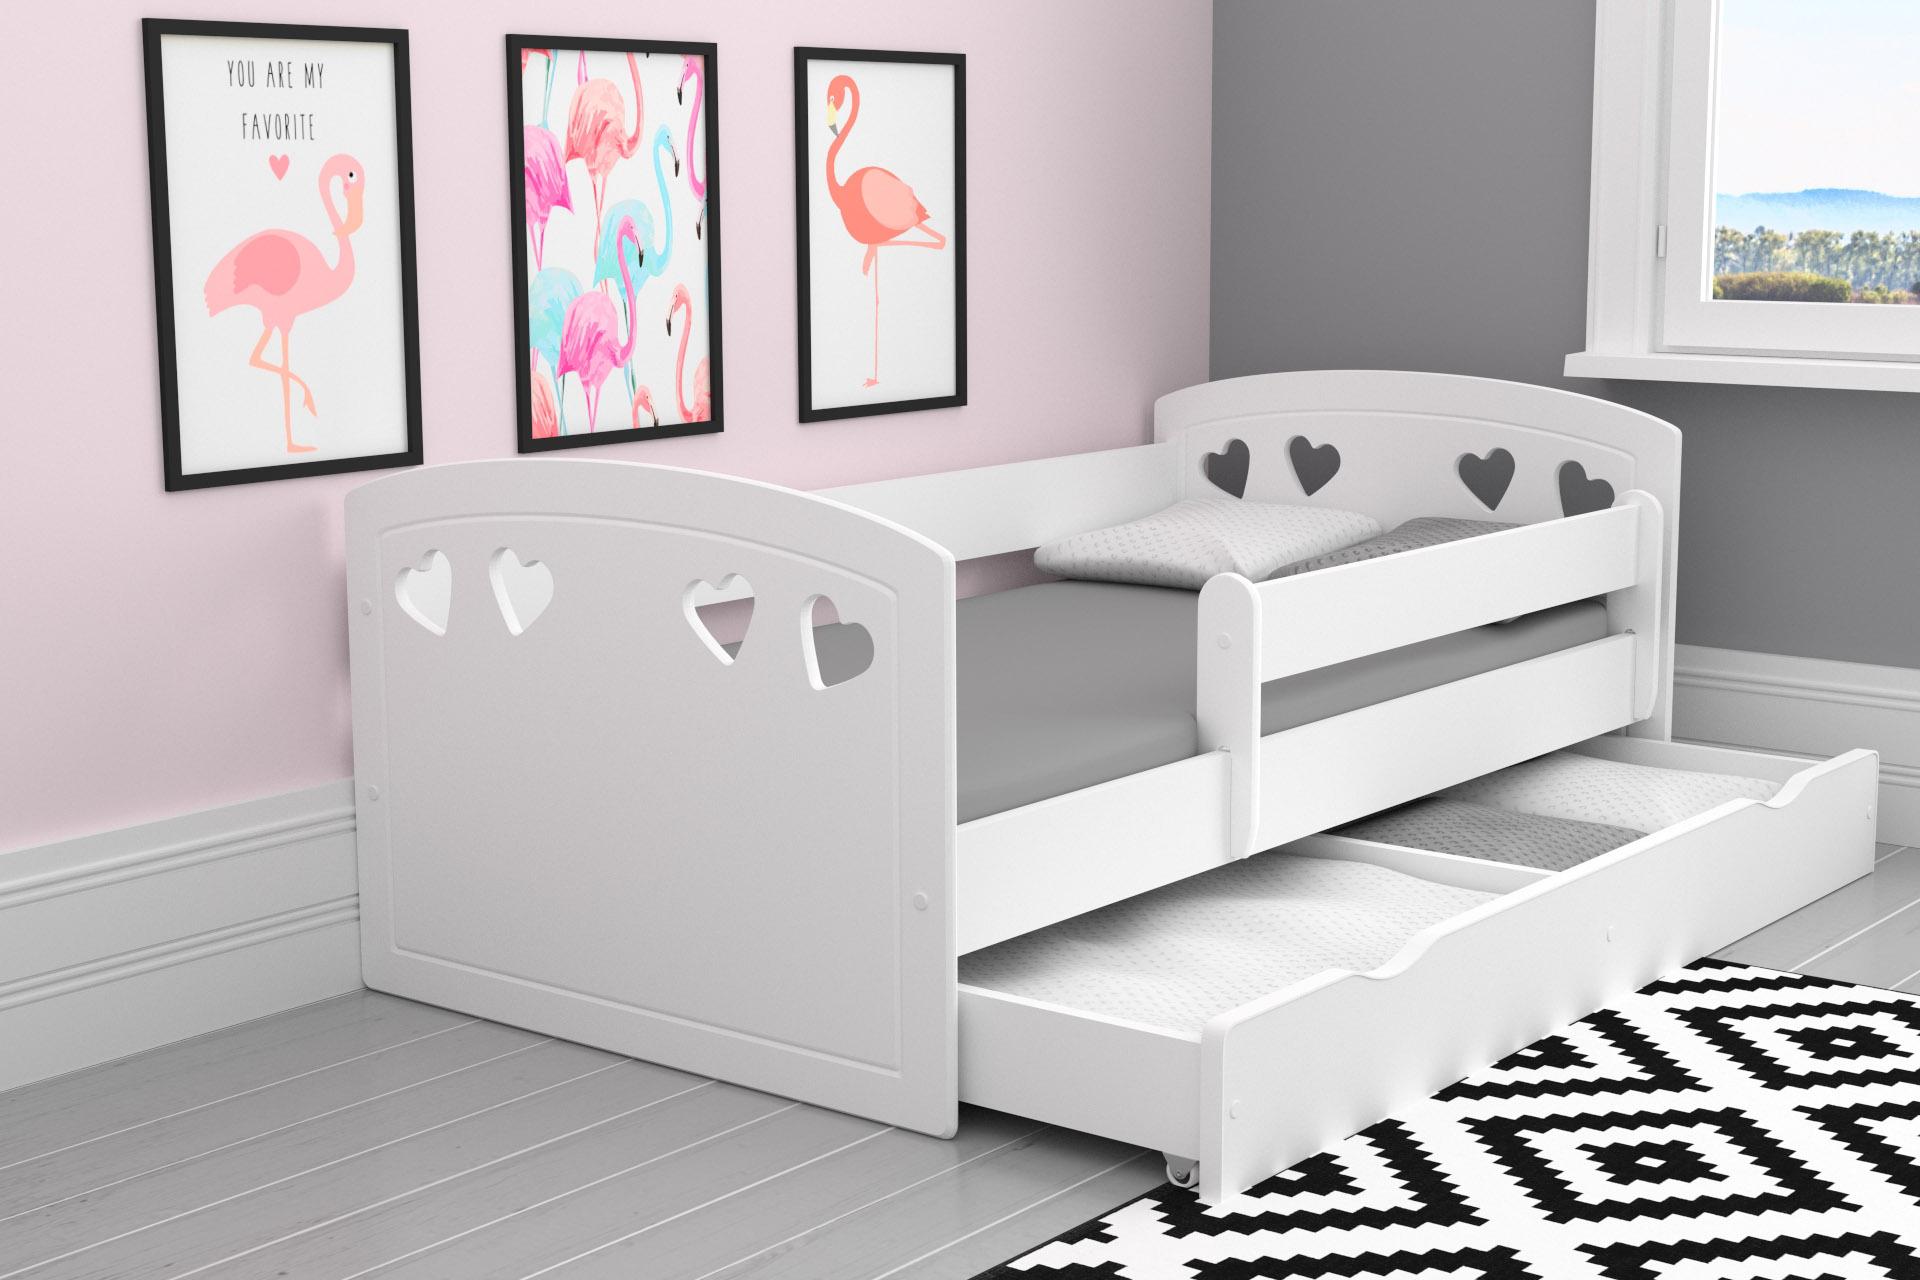 Full Size of Kinderbett Mädchen Jugendbett 80x140 80x160 80x180 Junge Und Mdchen Mit Bett Betten Wohnzimmer Kinderbett Mädchen